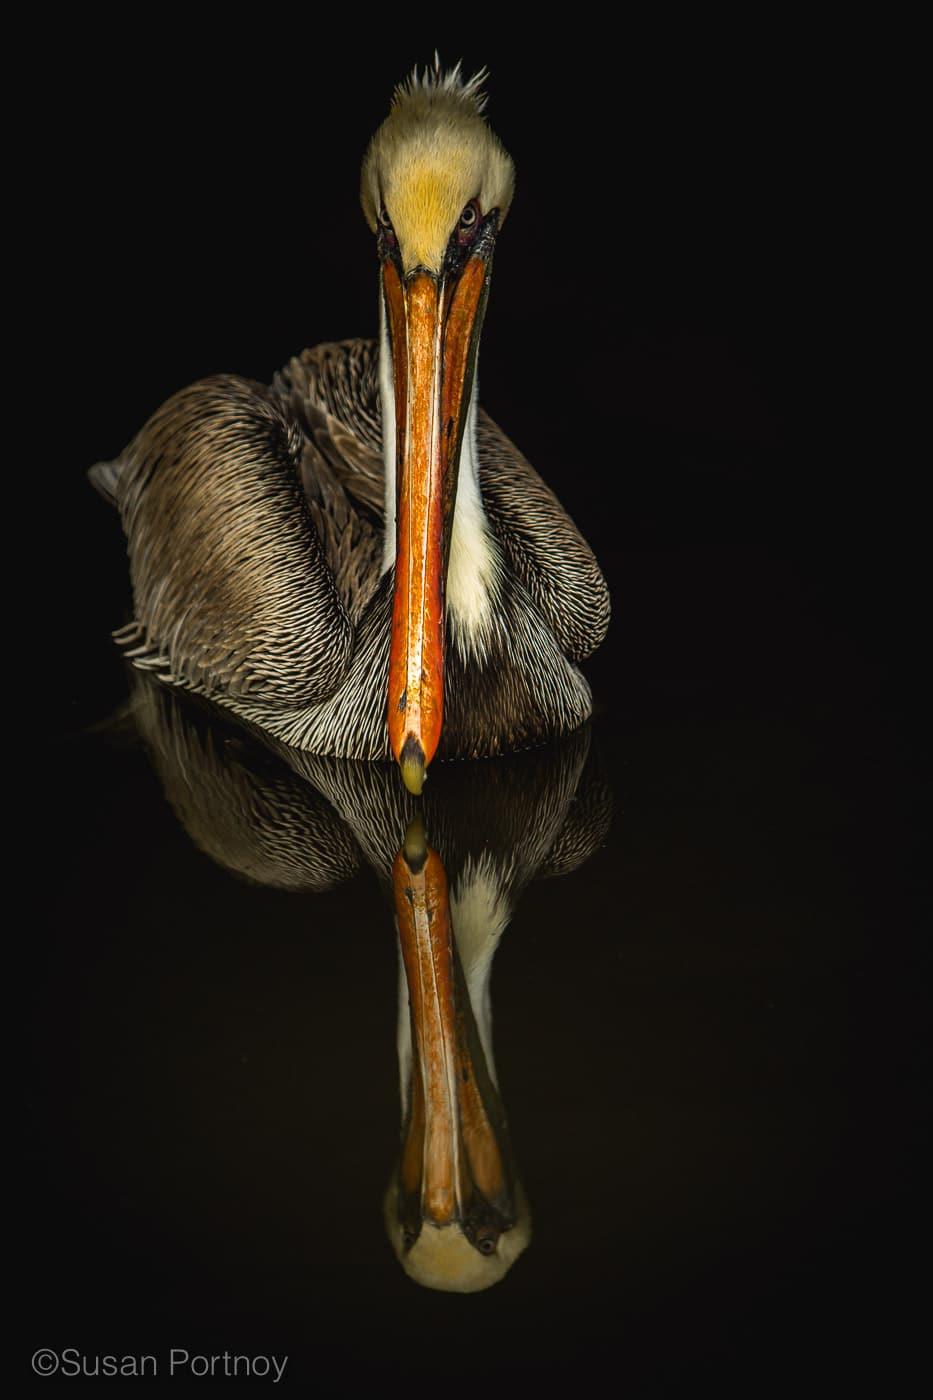 sportnoy_birds-03